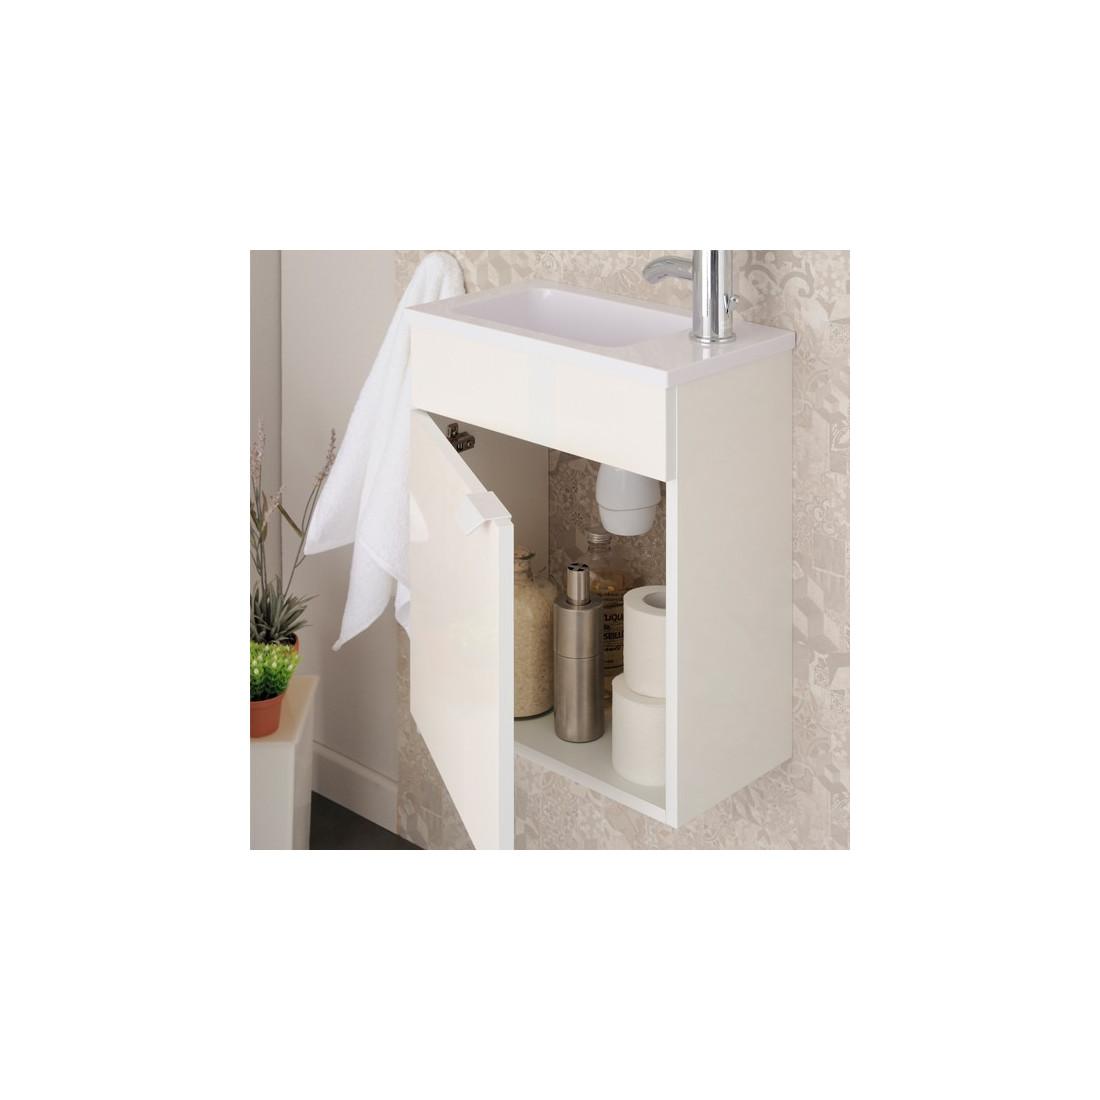 Meuble lave mains pour wc uriel n 1 univers salle de bain for Meuble lave main wc